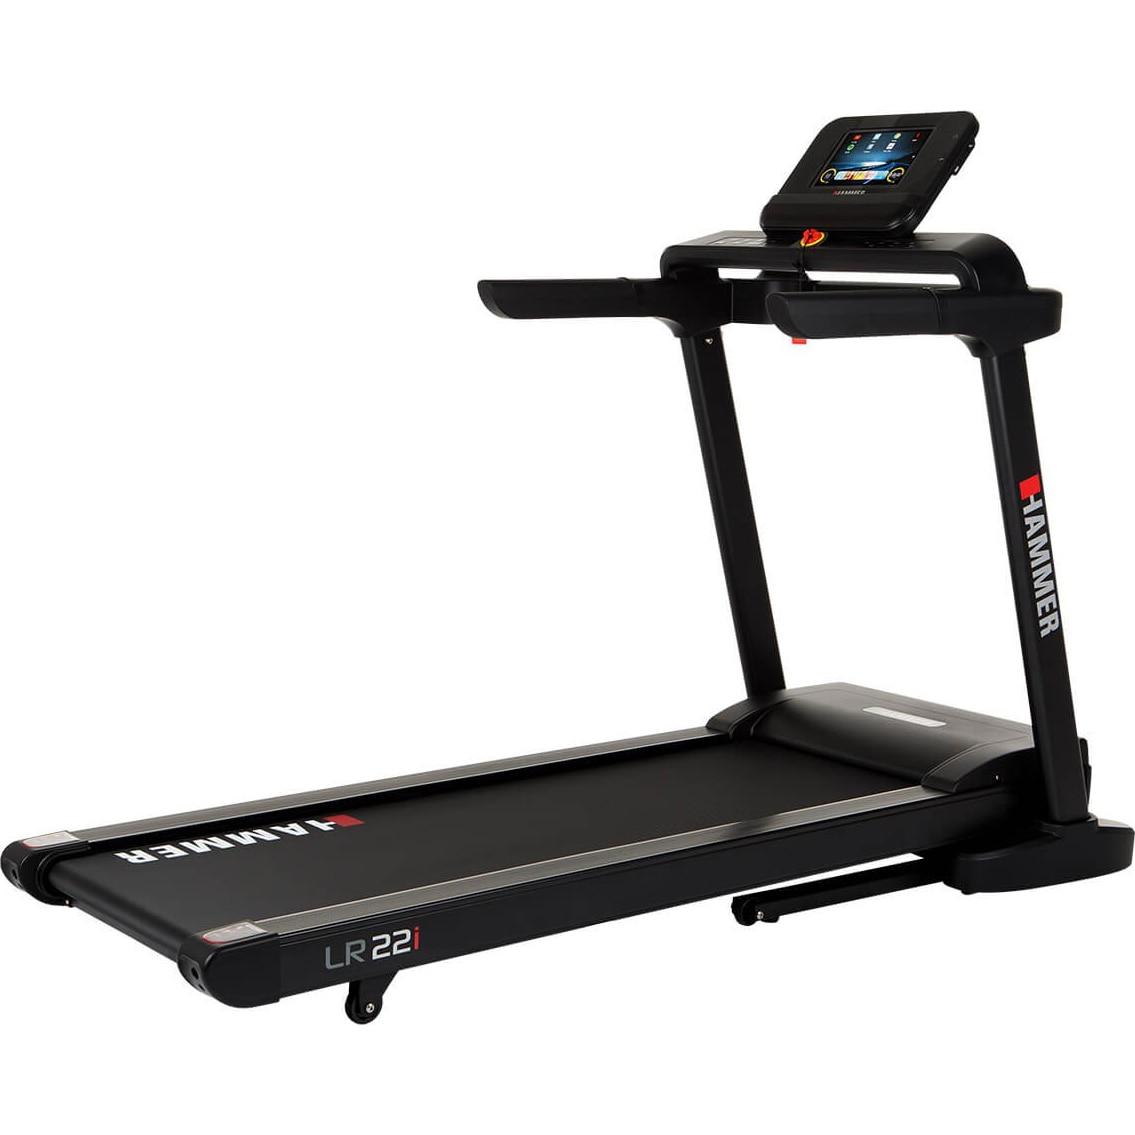 Pierdere în greutate tft - TECHFIT Nova 3i Banda de alergare